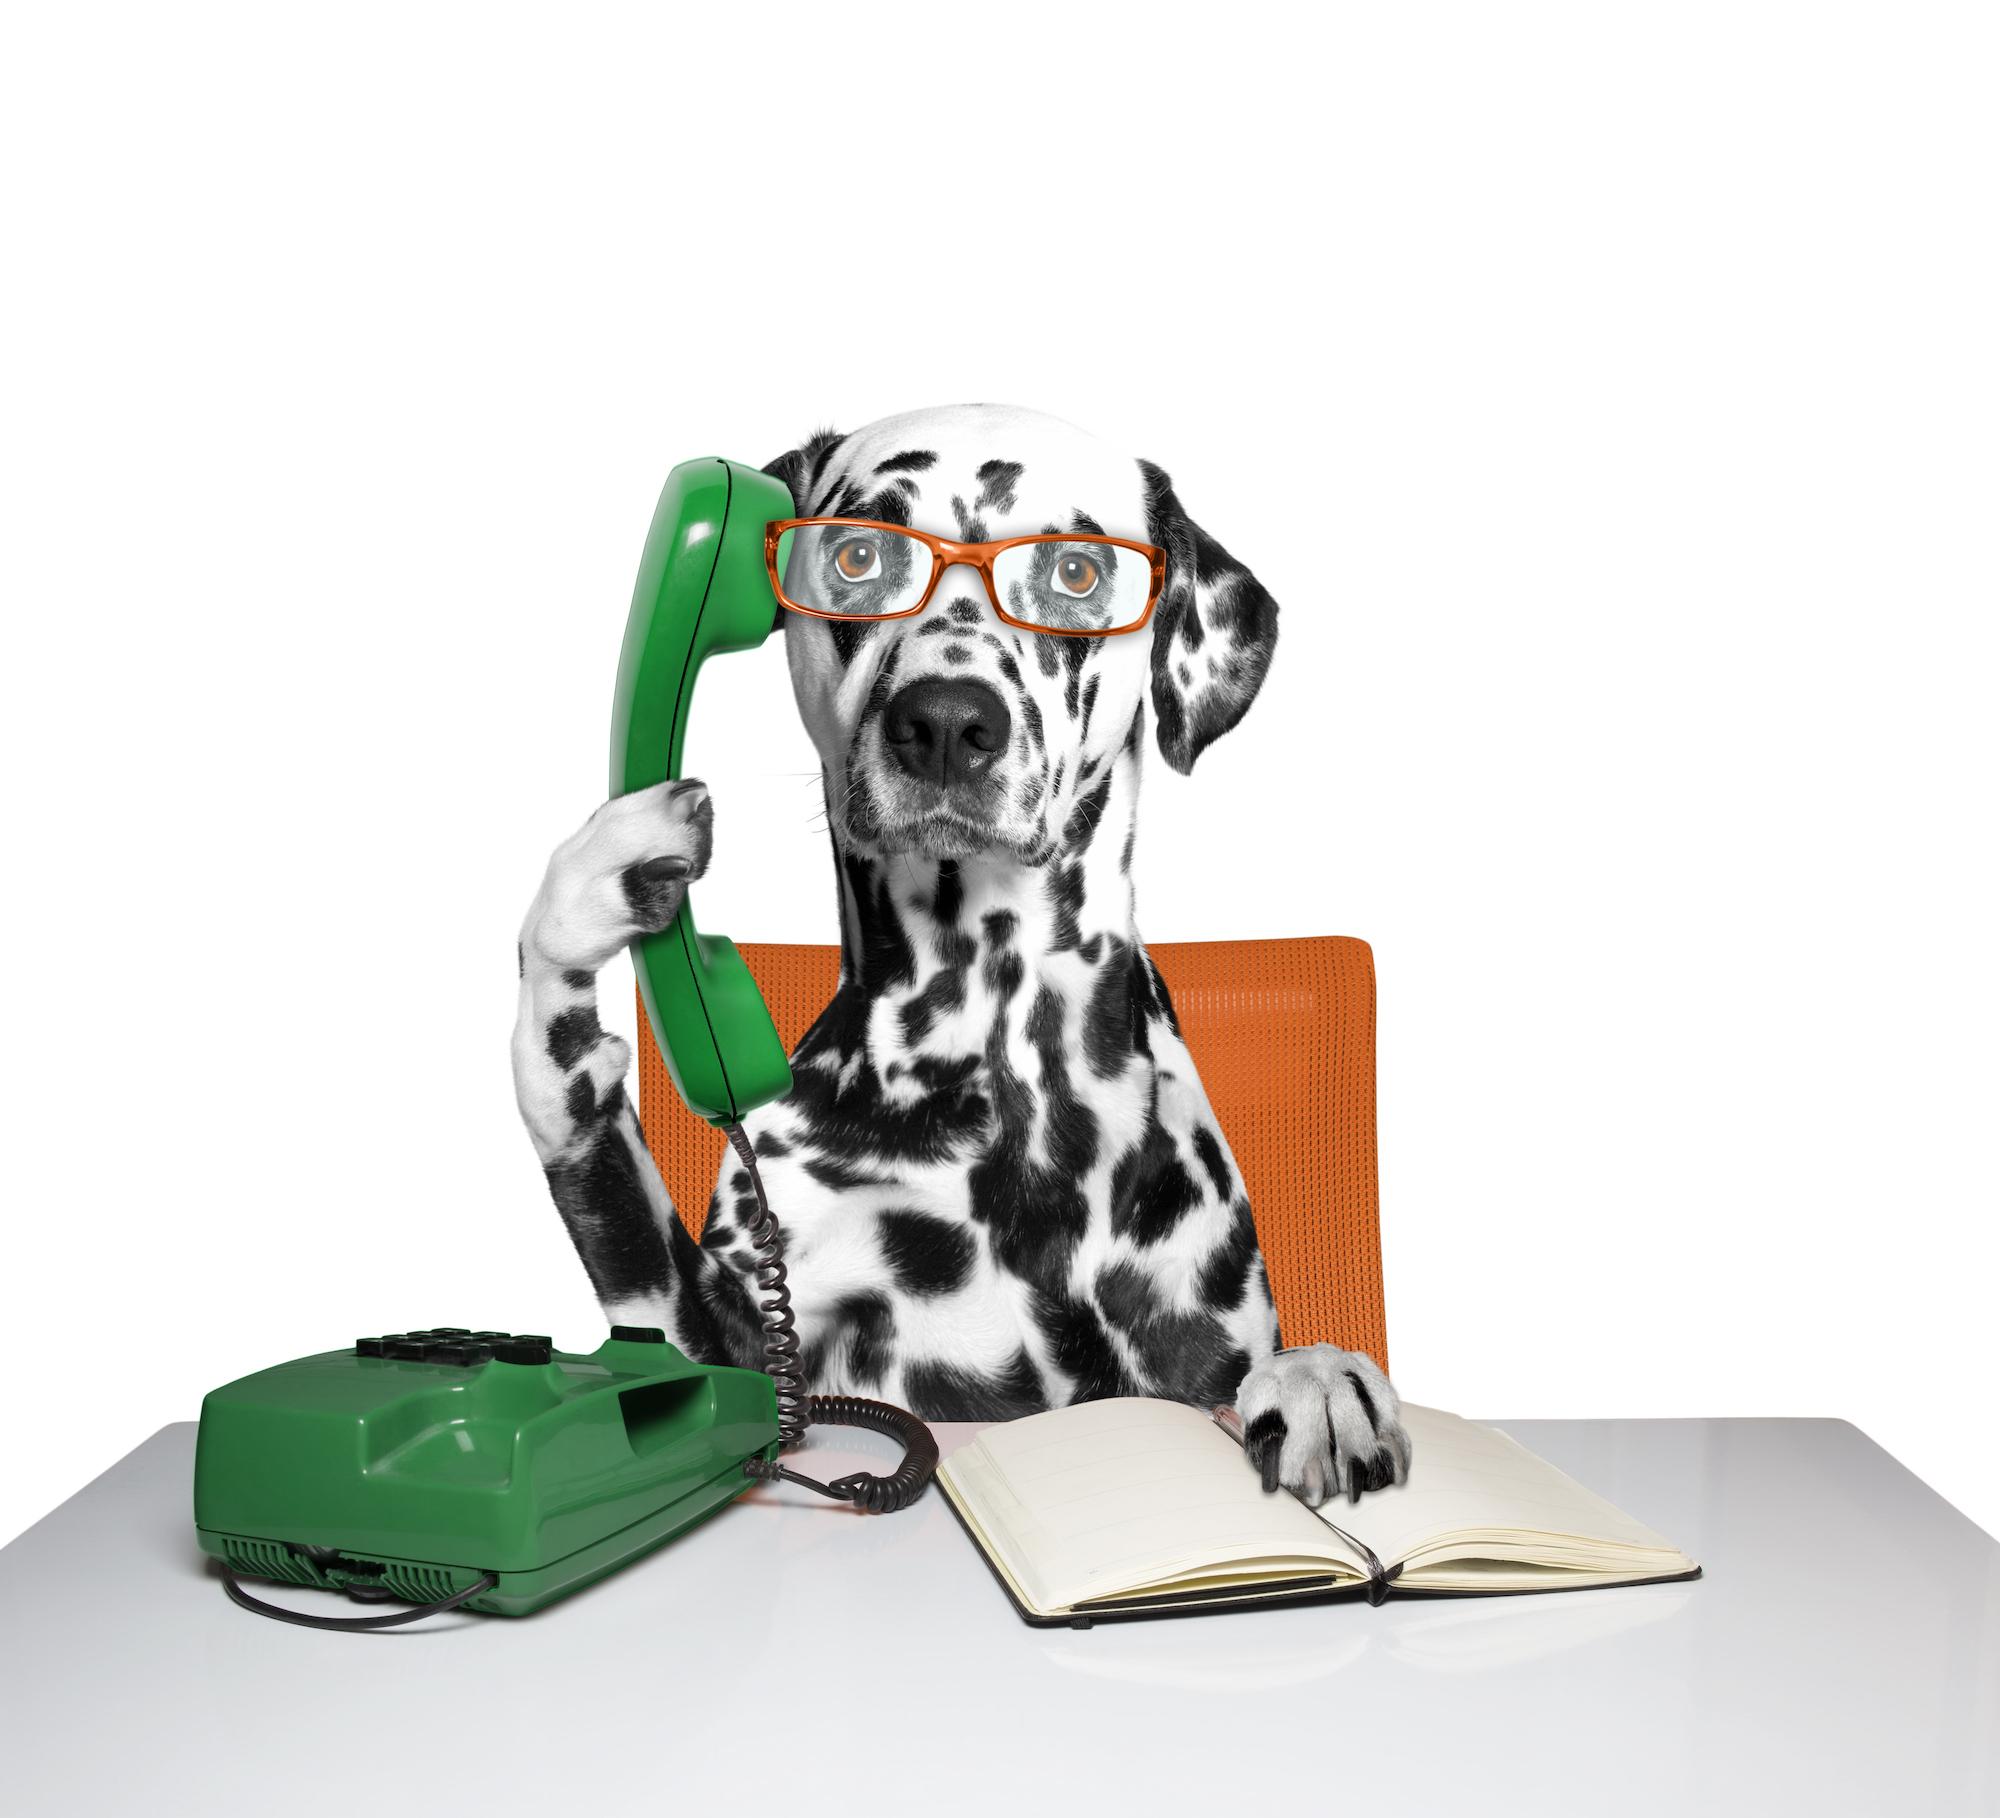 Dog on the call